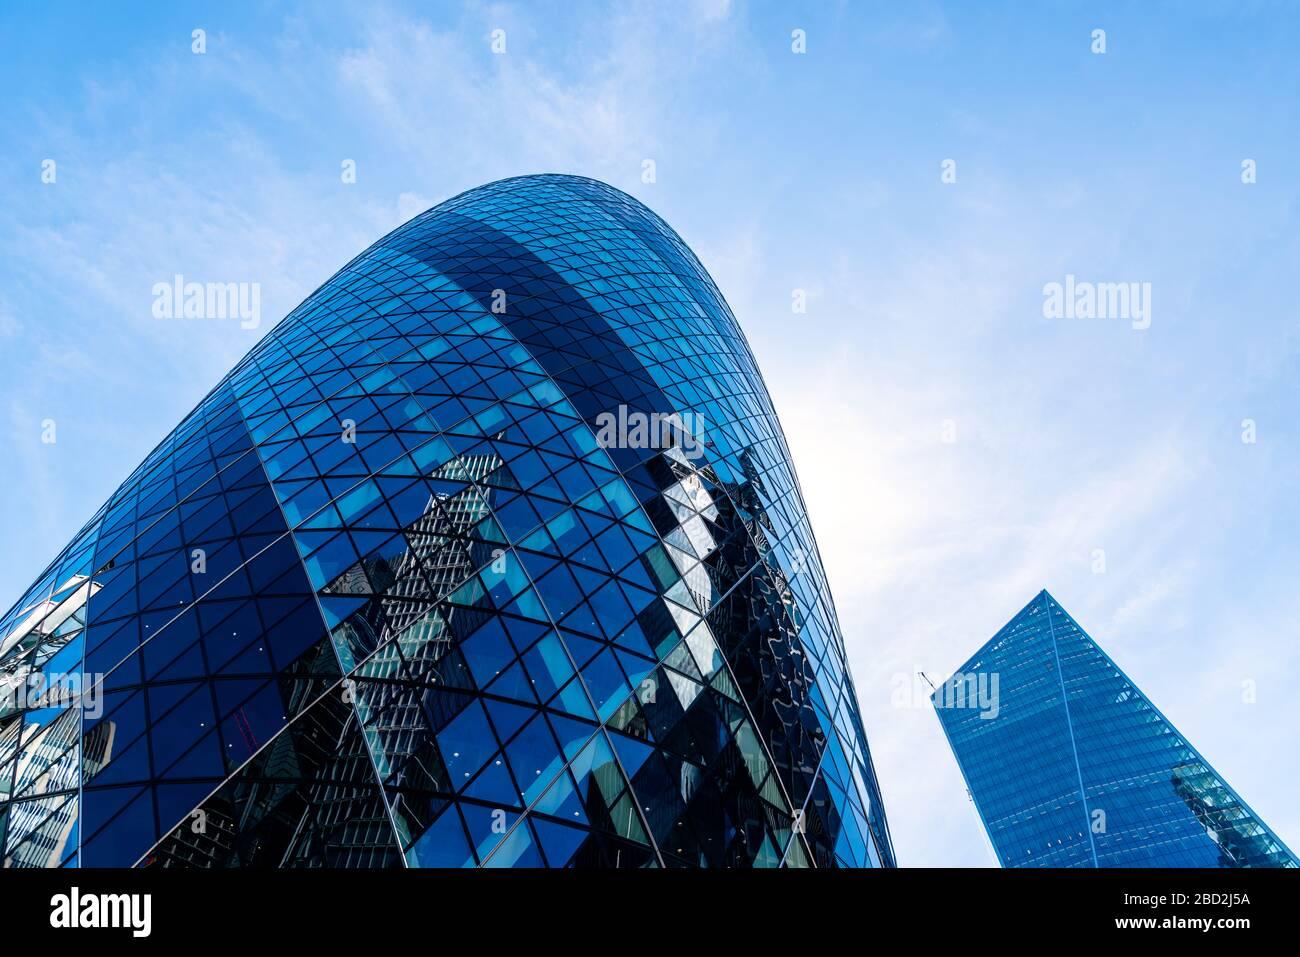 Londres, Reino Unido - 14 de mayo de 2019: Vista de bajo ángulo de los edificios de oficinas en la ciudad de Londres contra el cielo azul. 30 San María Ax o Gherkin Buiding por Norman Fost Foto de stock